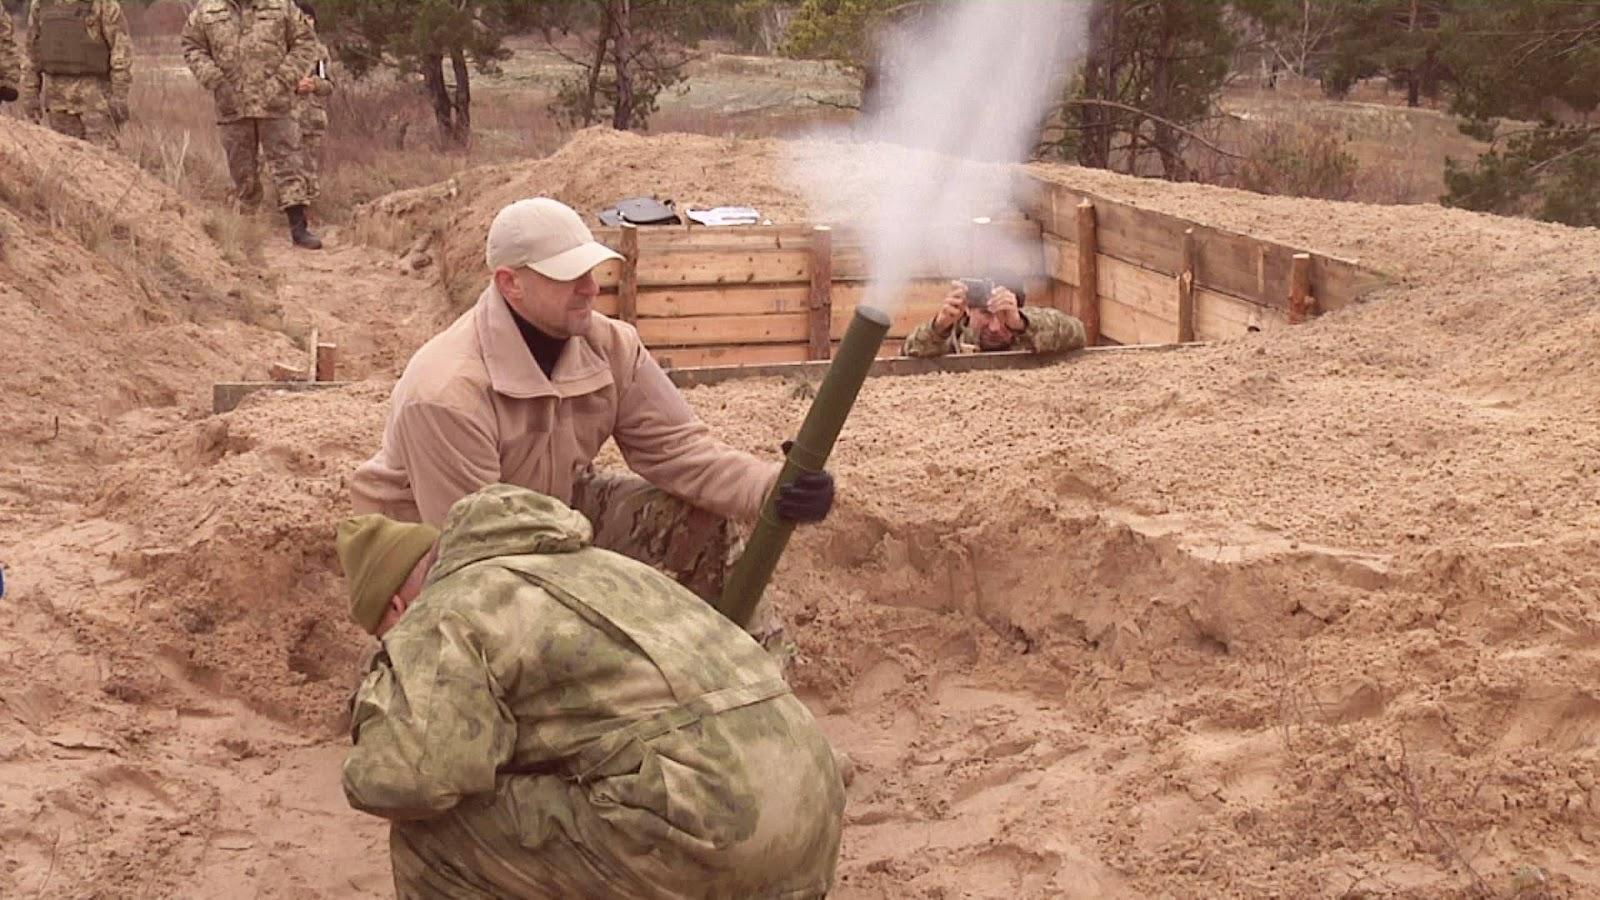 MP60 60 mm Lightweight Mortar